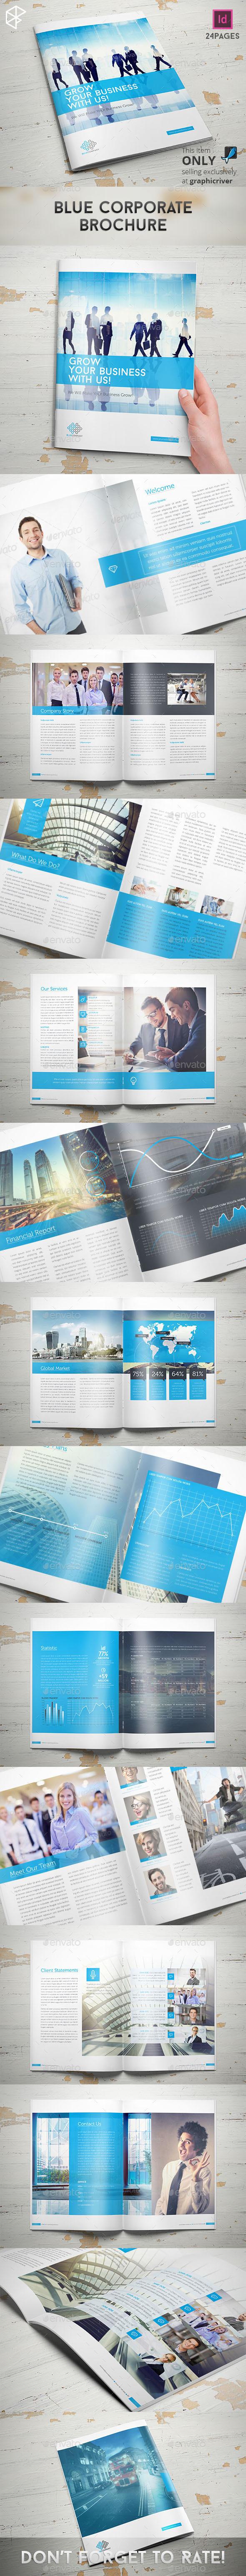 GraphicRiver Blue Corporate Brochure 10118618